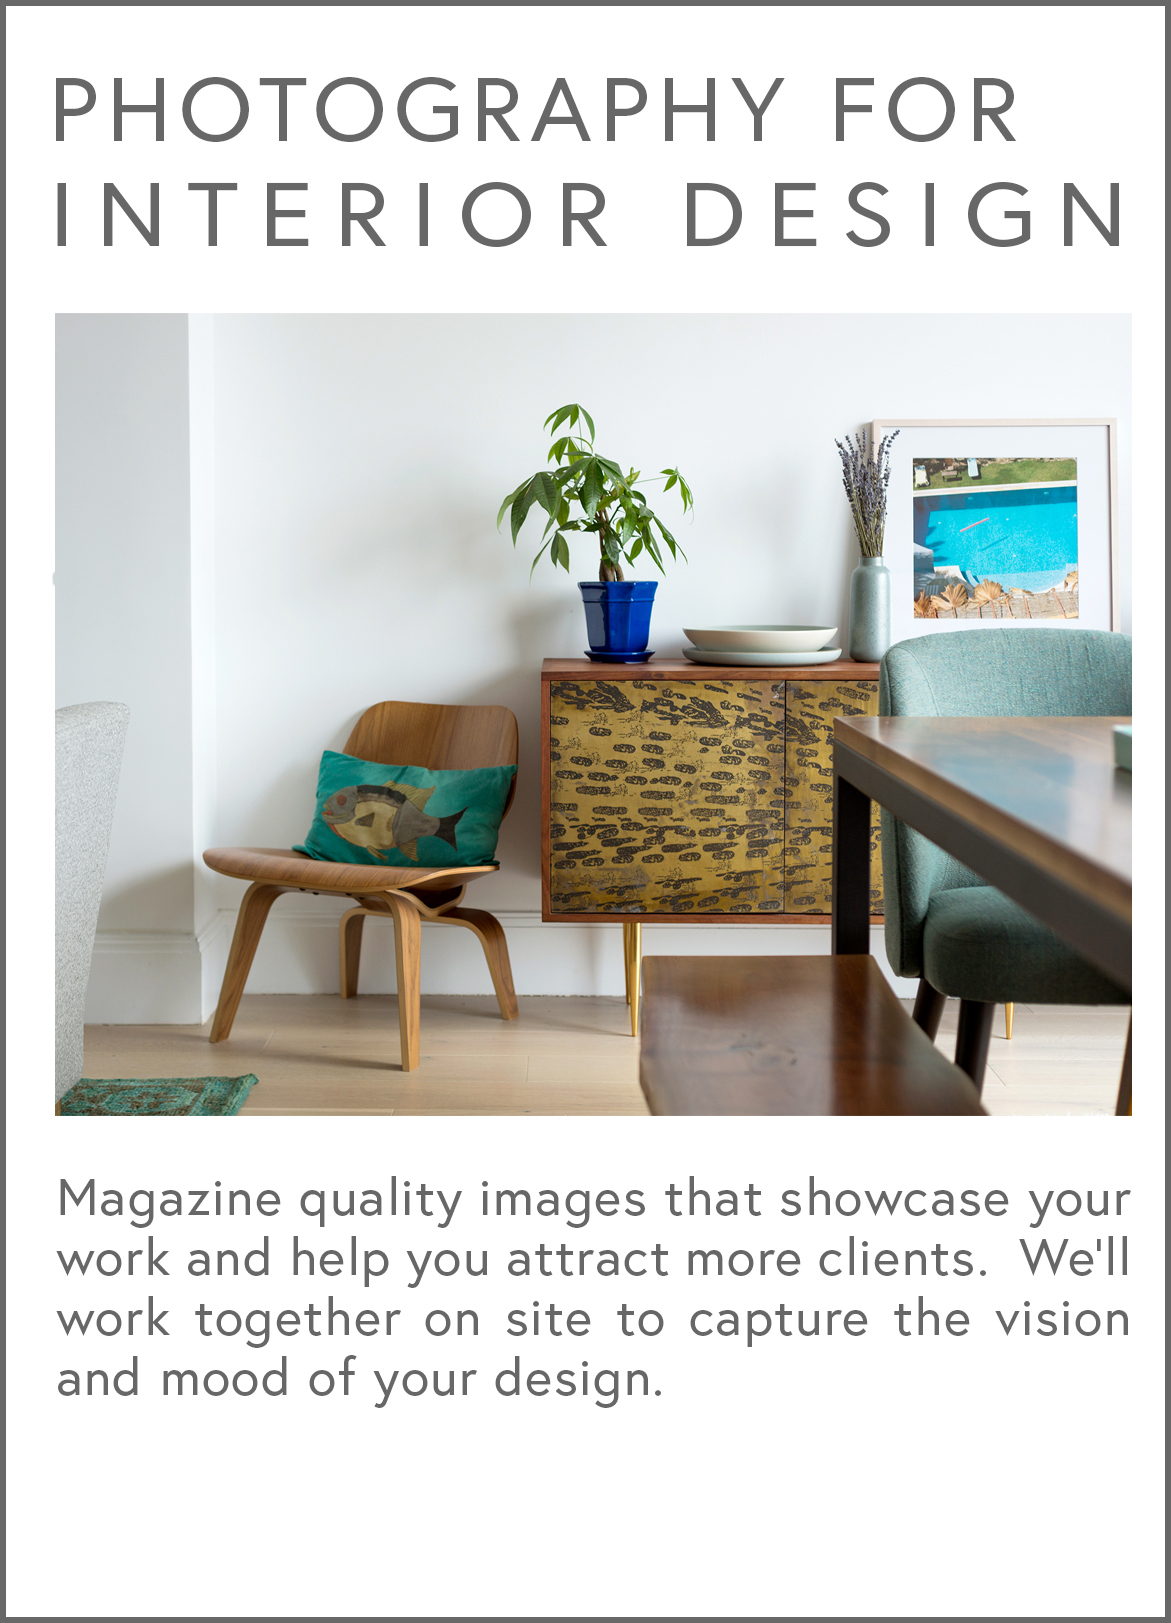 DesignGraphic.jpg